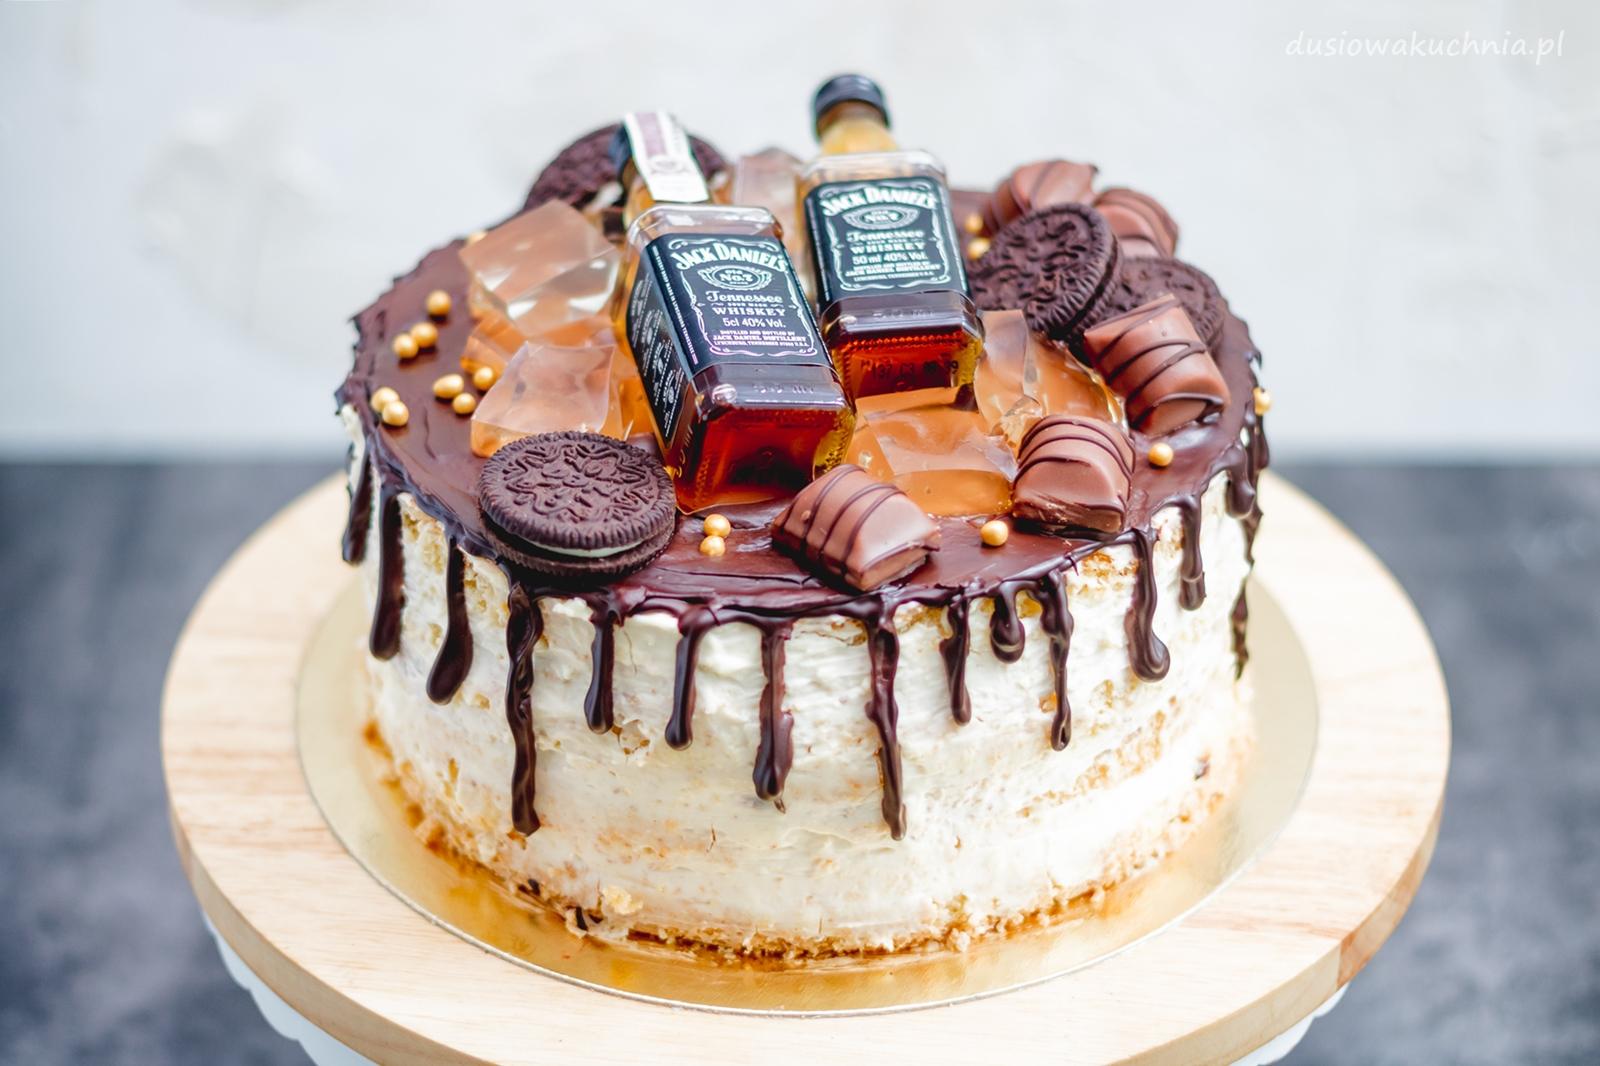 Drip cake - tort z czekoladkami i whisky